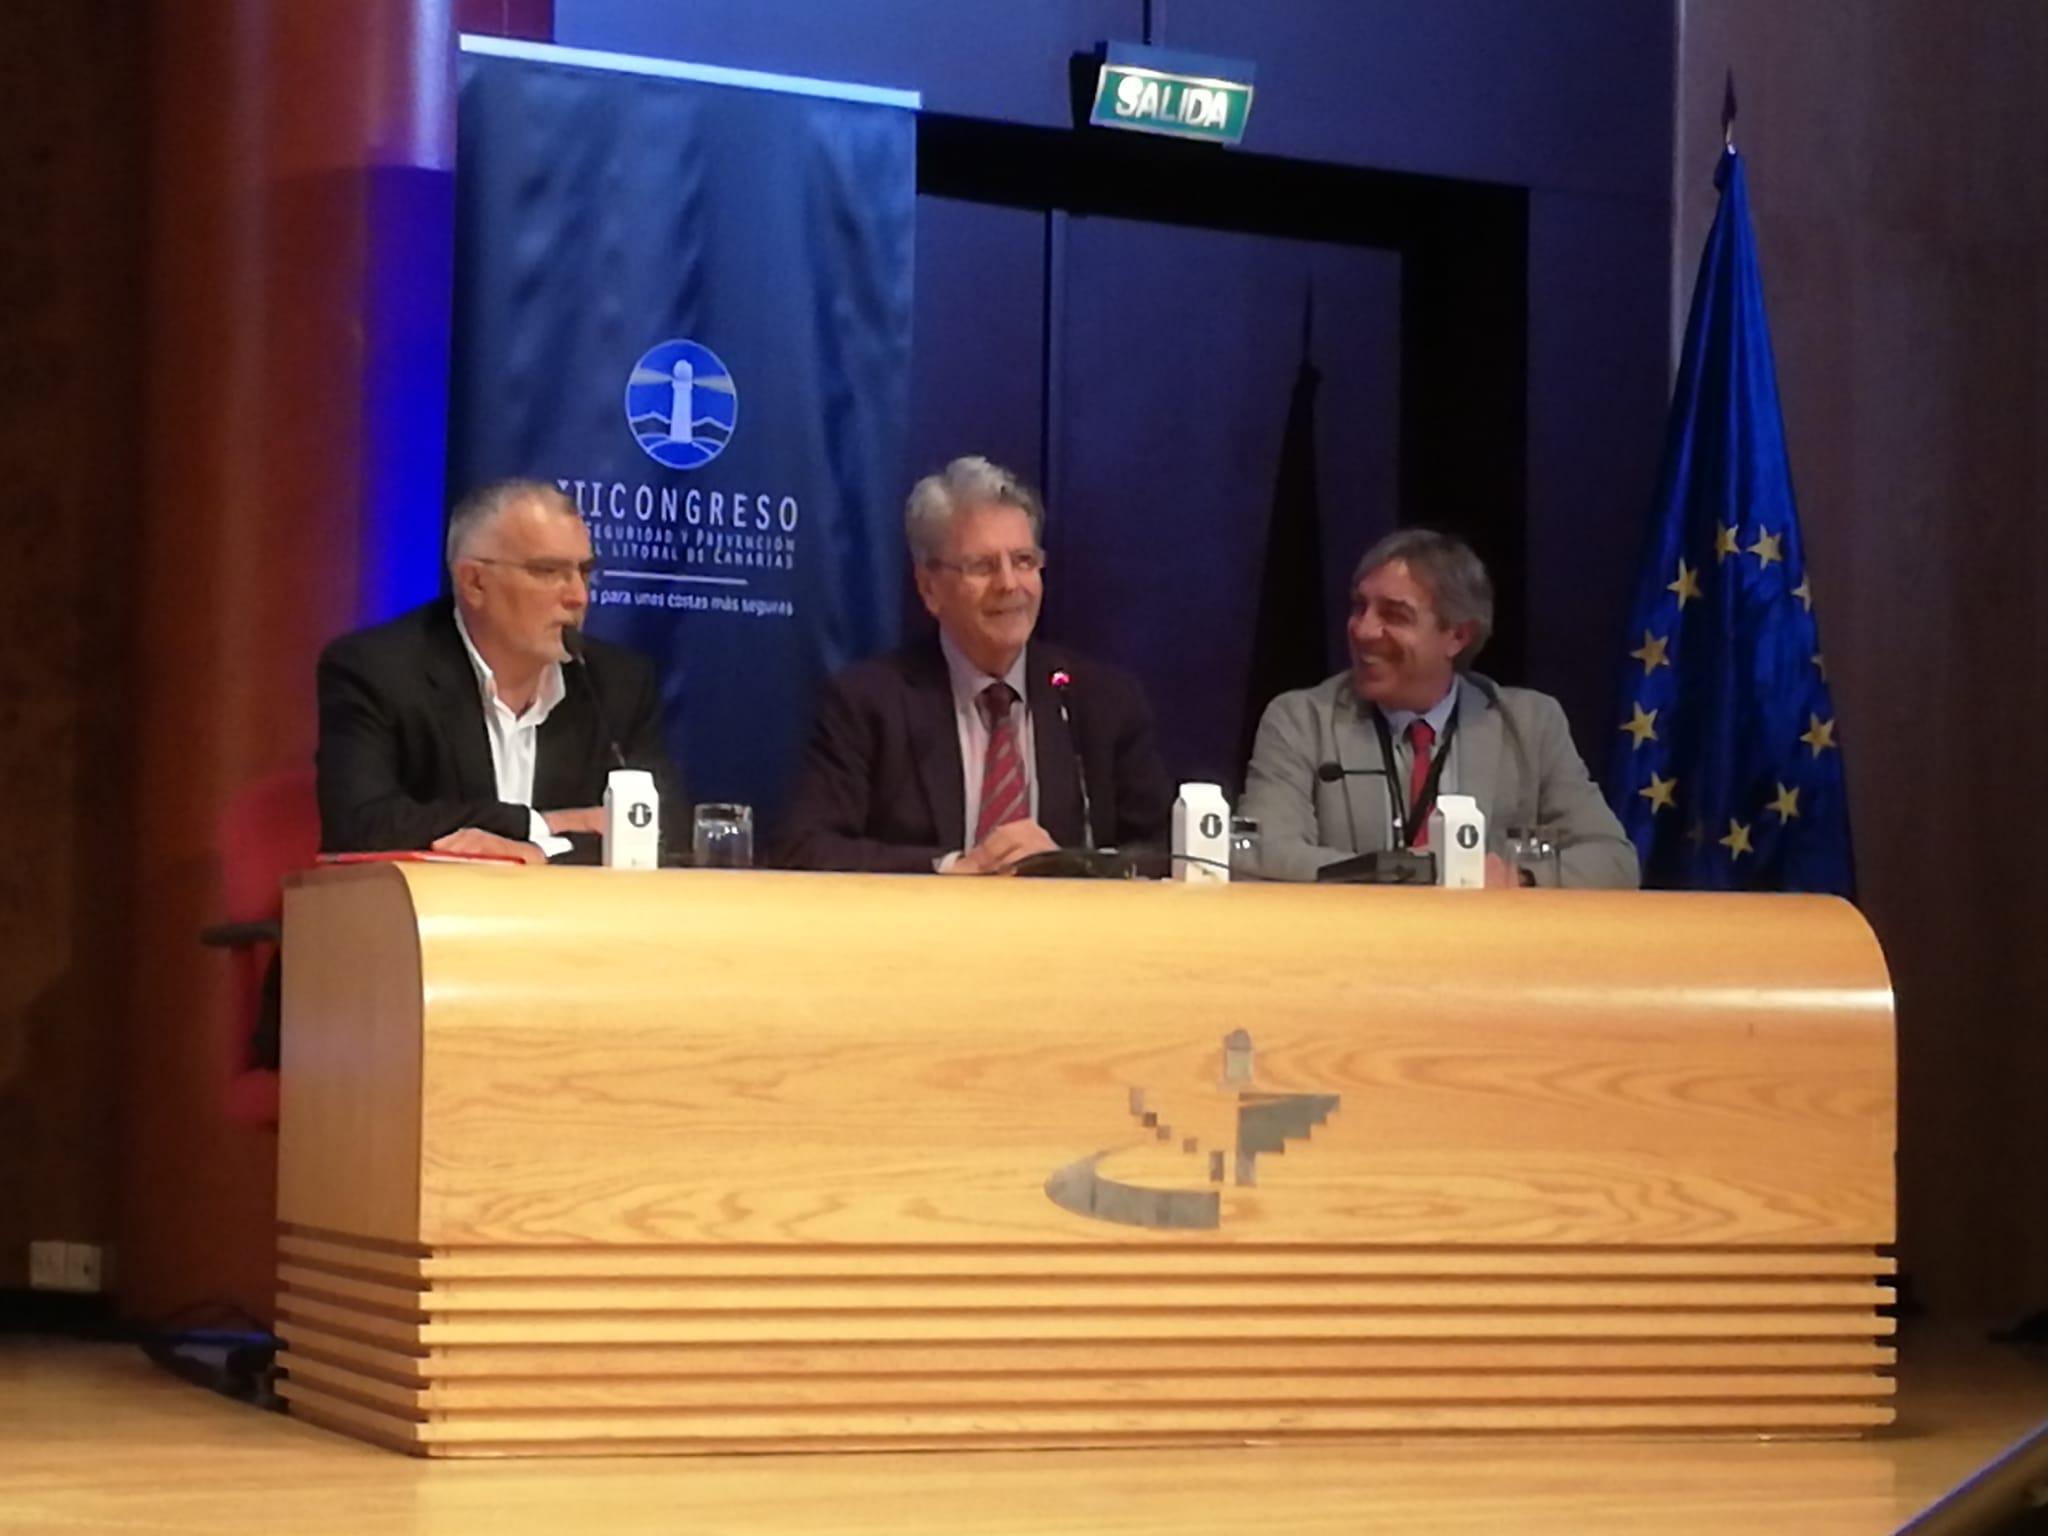 El consejero Julio Pérez clausura el III Congreso de Seguridad en el Litoral